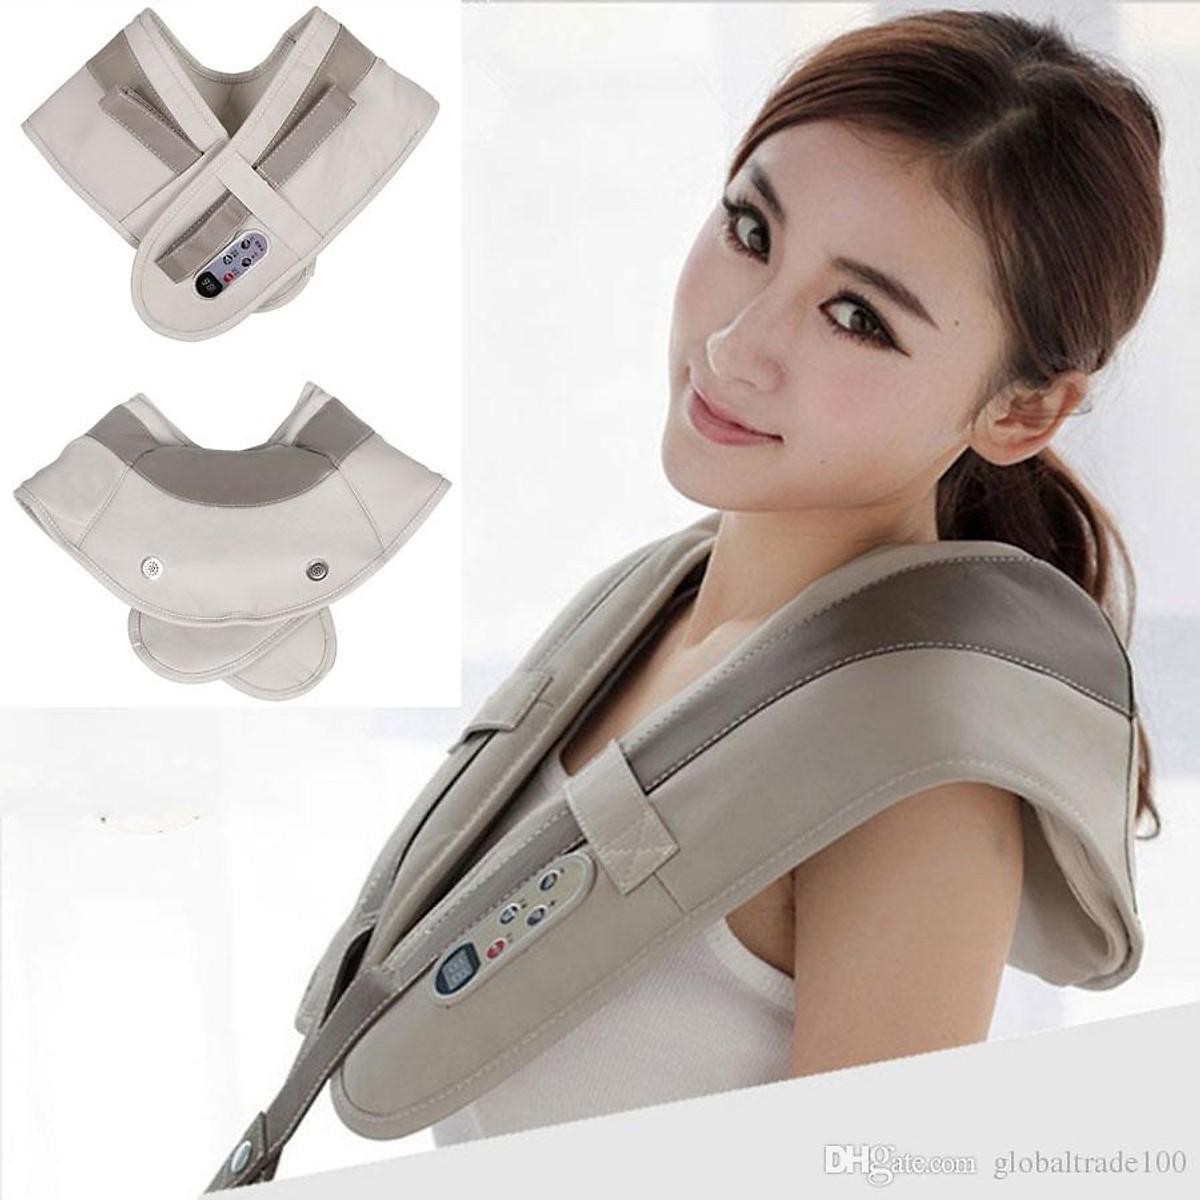 Đai đeo - máy mát xa massage lưng cổ giải tỏa căng thẳng tôn vinh dáng đẹp - NPD-MSLW808-651